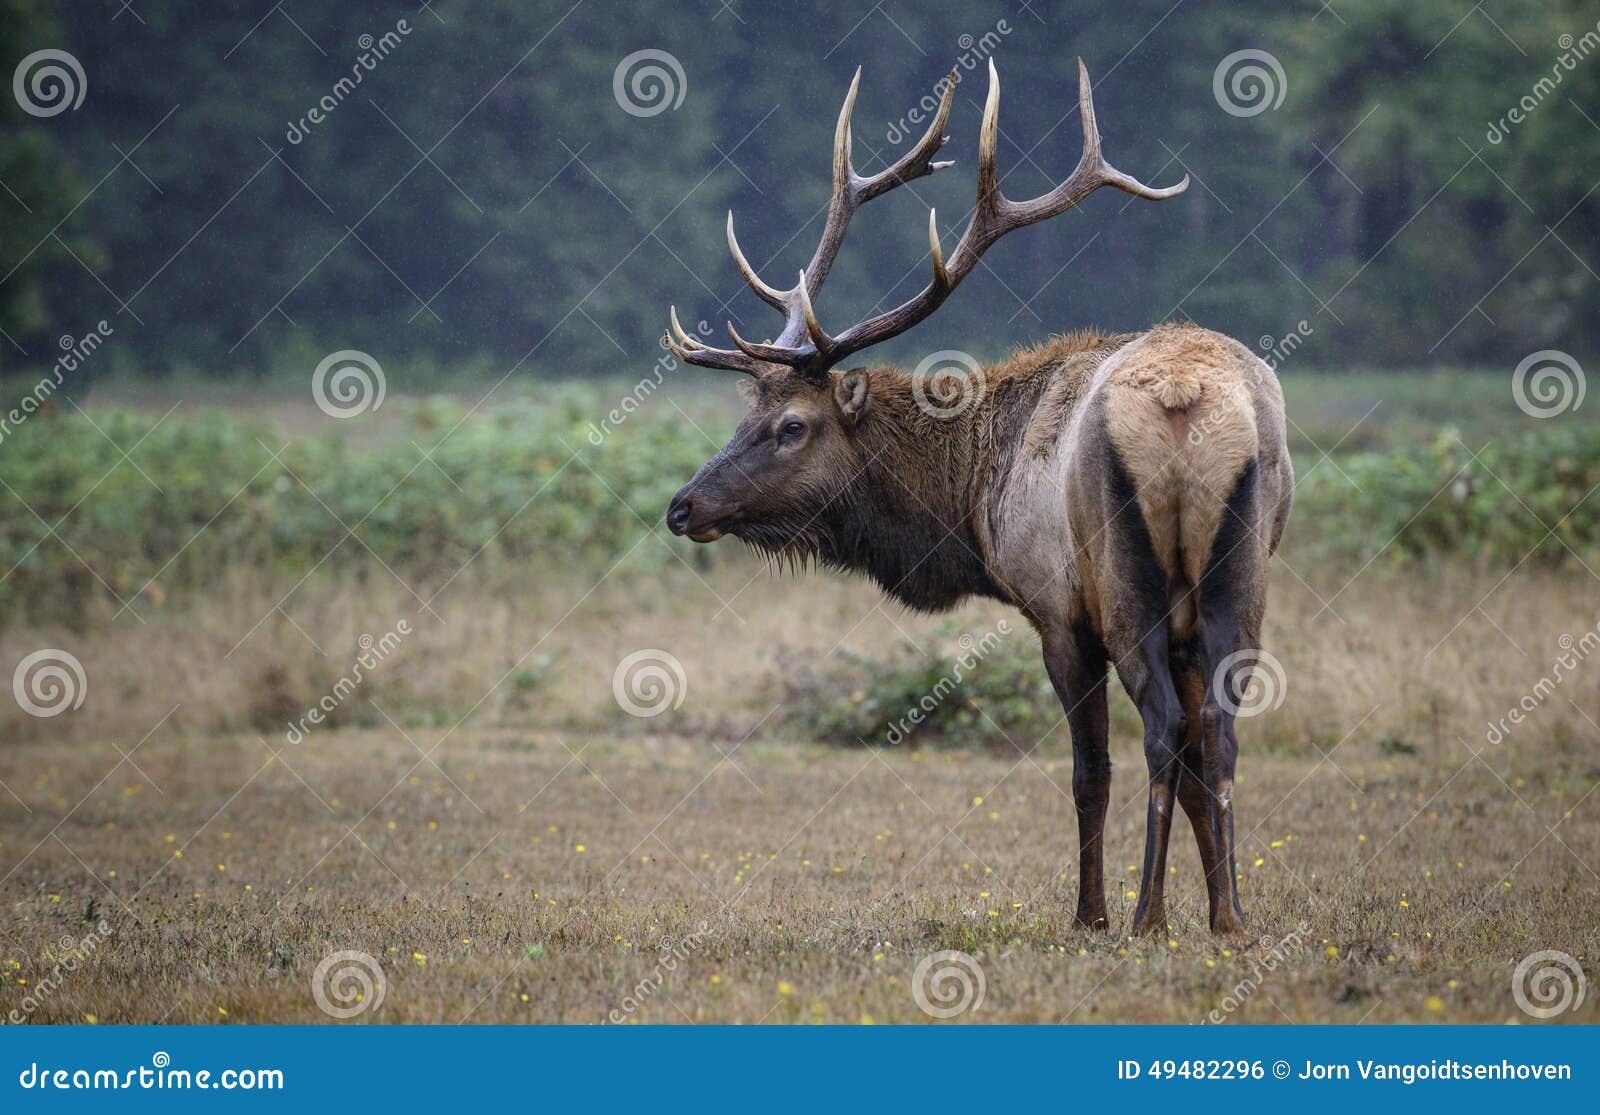 Bull elk pose